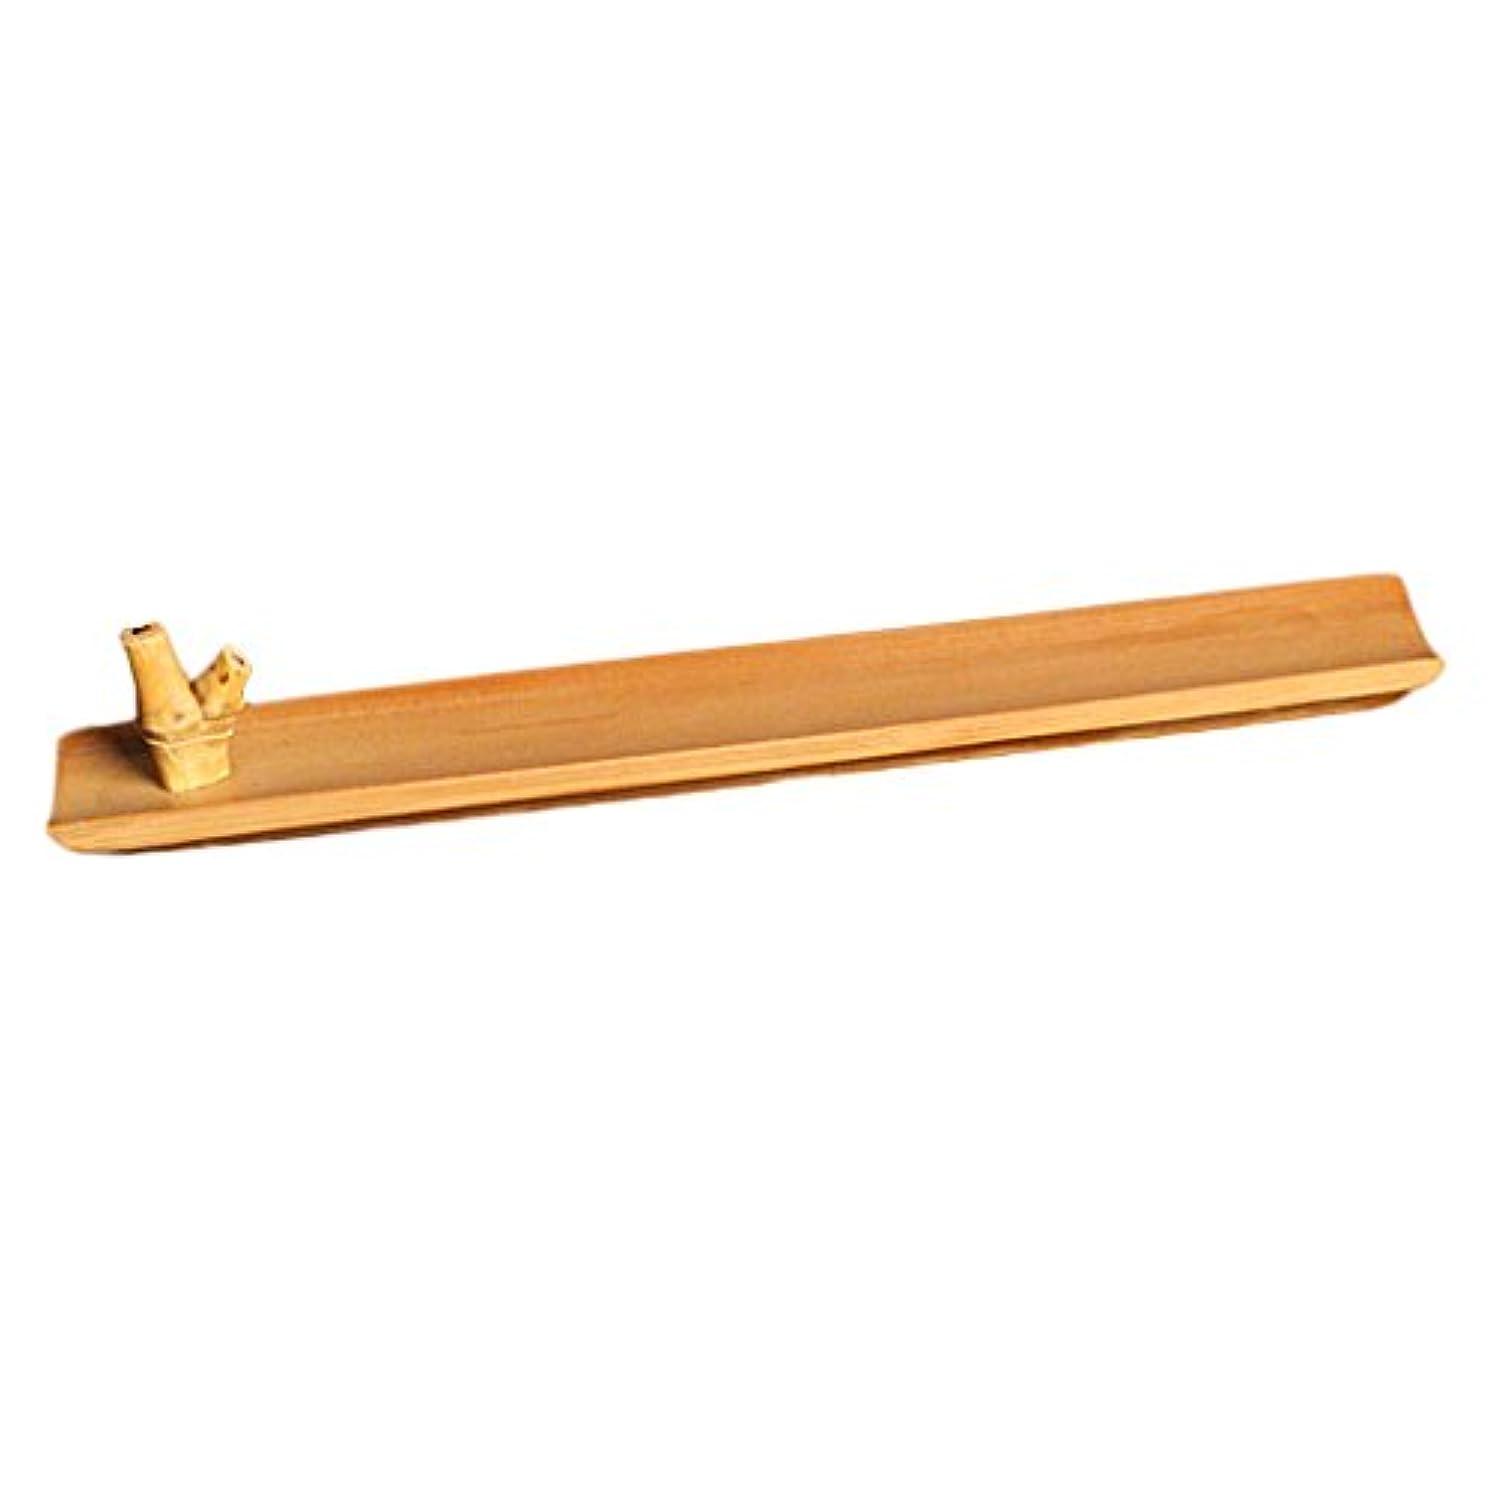 勧告花束絶えず竹 お香立て スティック 香 ホルダー バーナースティック ブラウン 手作り 工芸品 24センチメートル